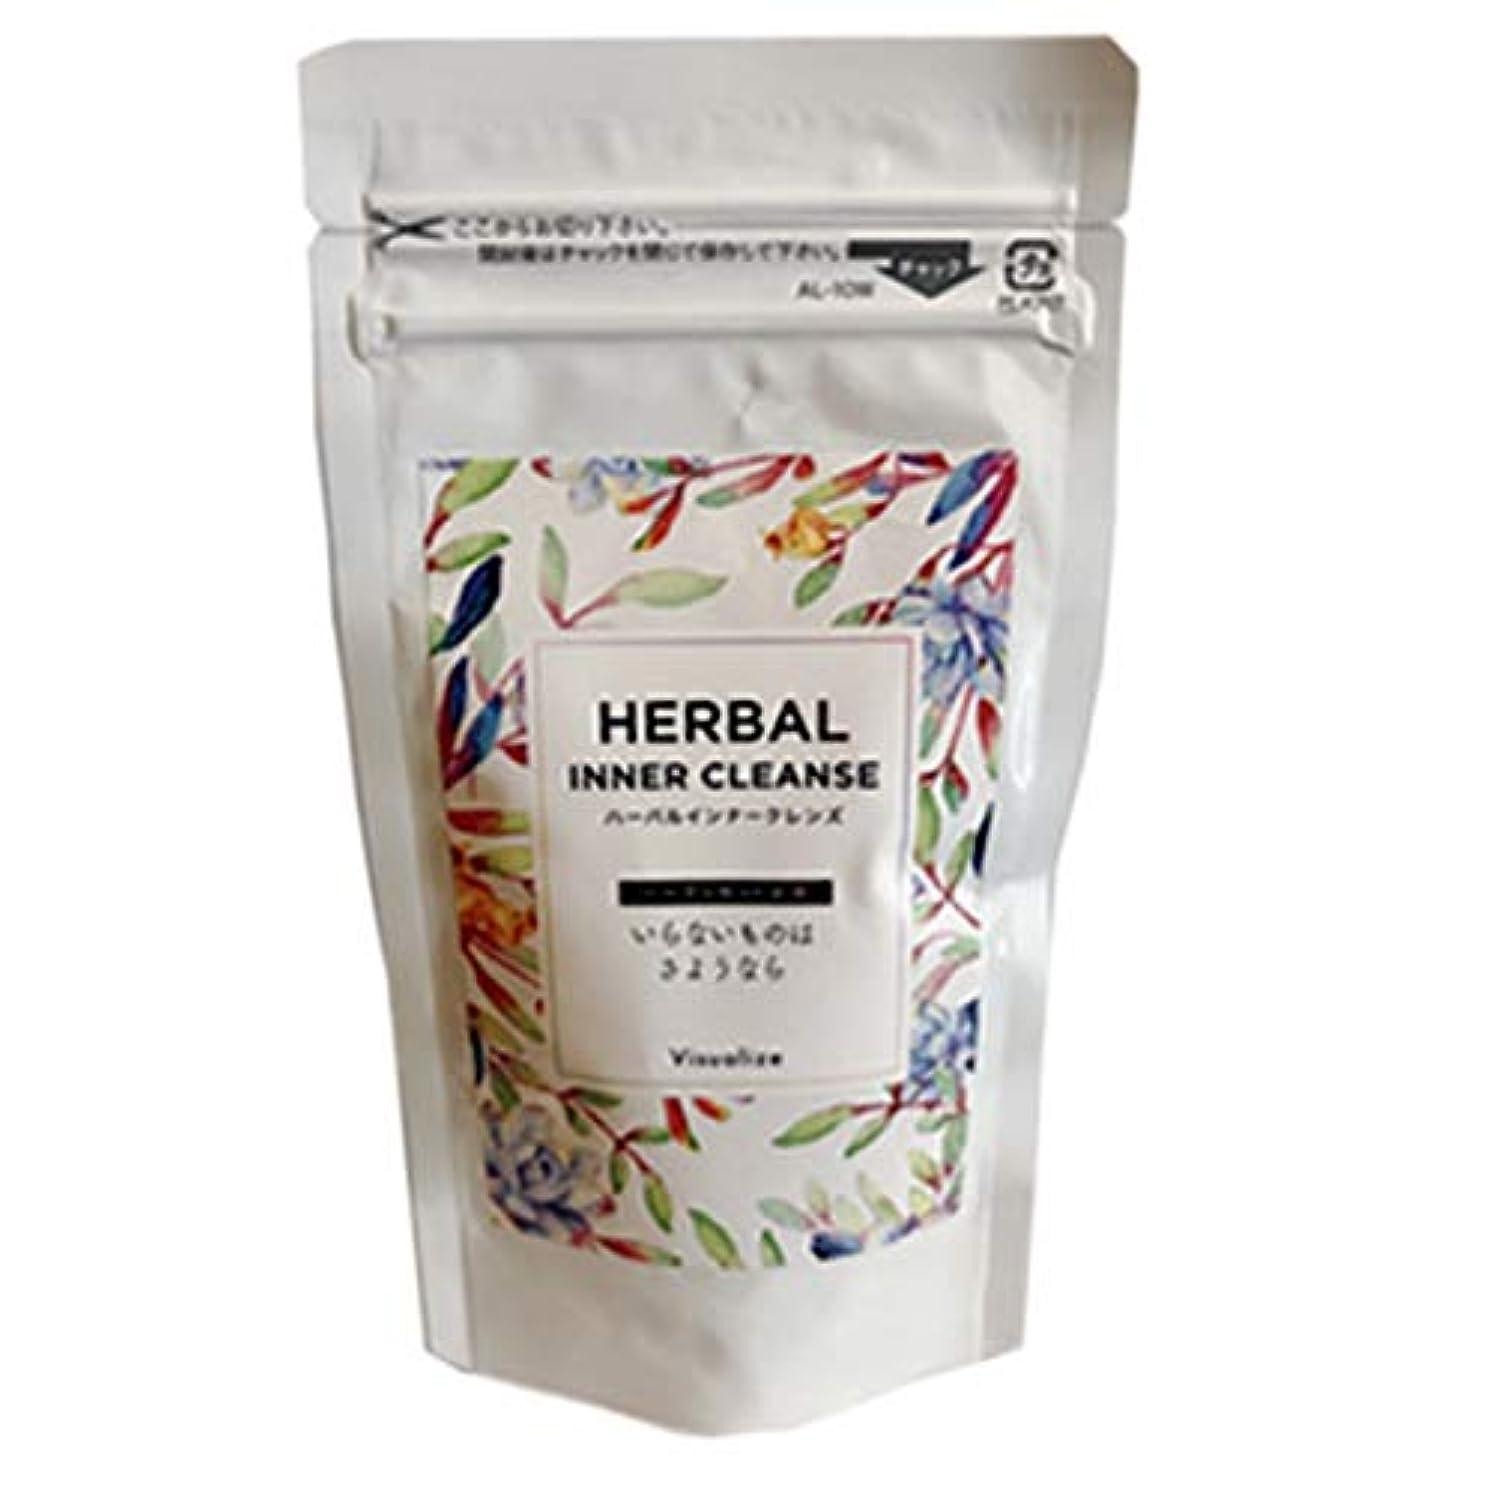 ファンブルにはまって宮殿ハーバルインナークレンズ Herbal INNER CLEANZE (150粒(tablets))2019/1/8より順次発送